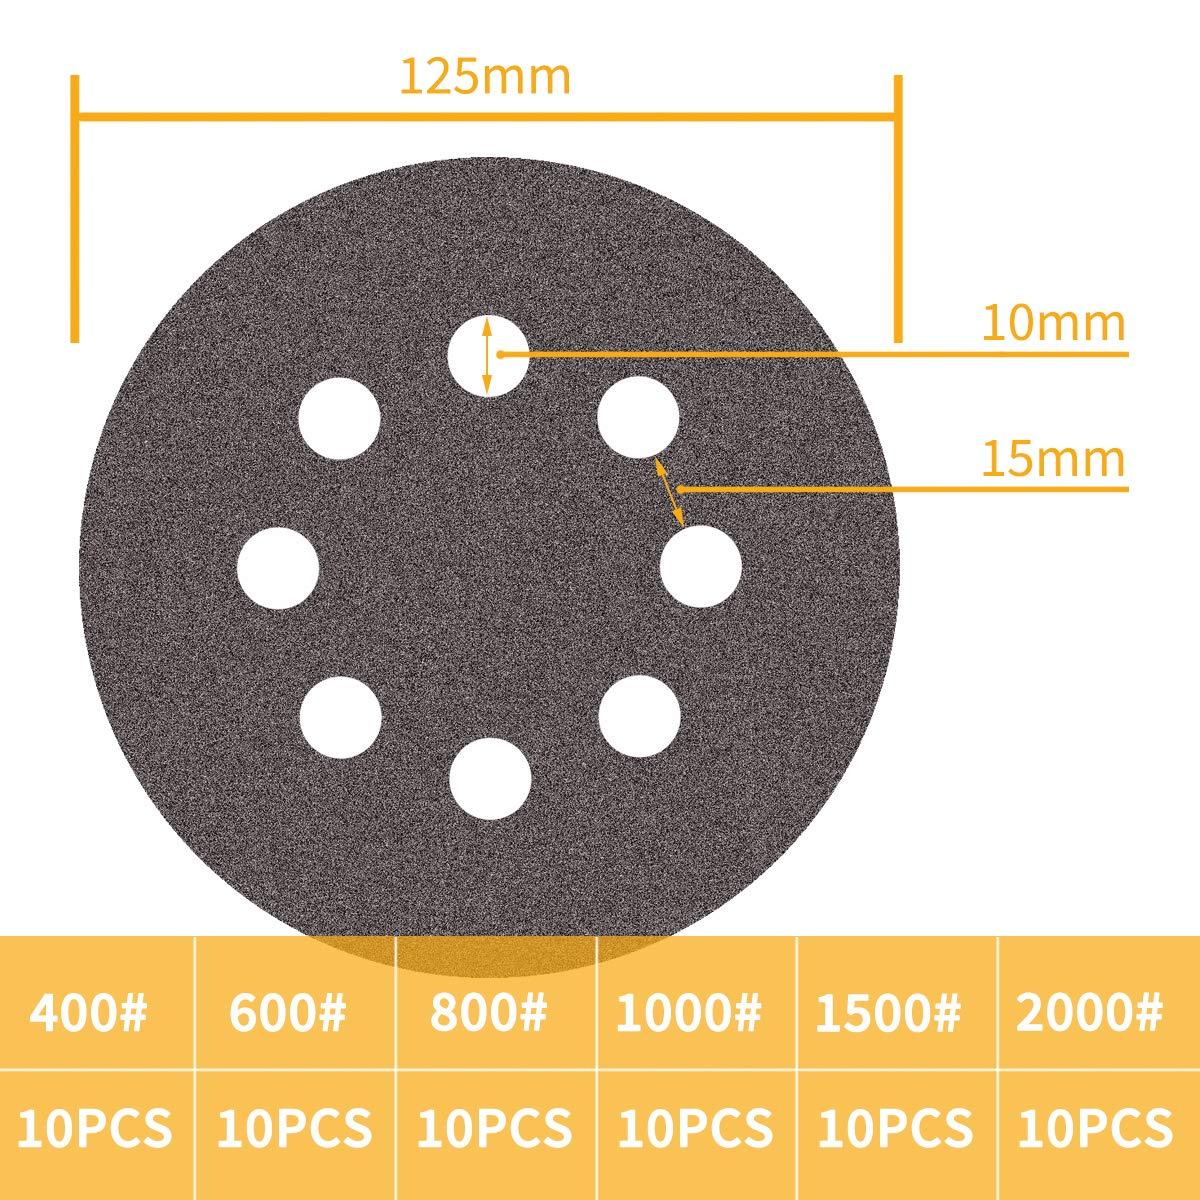 Disques de pon/çage 60PCS 125mm en Carbure de Silicium Disques Abrasifs 400 600 800 1000 1500 2000 grains 8 trous pour Ponceuse Excentrique